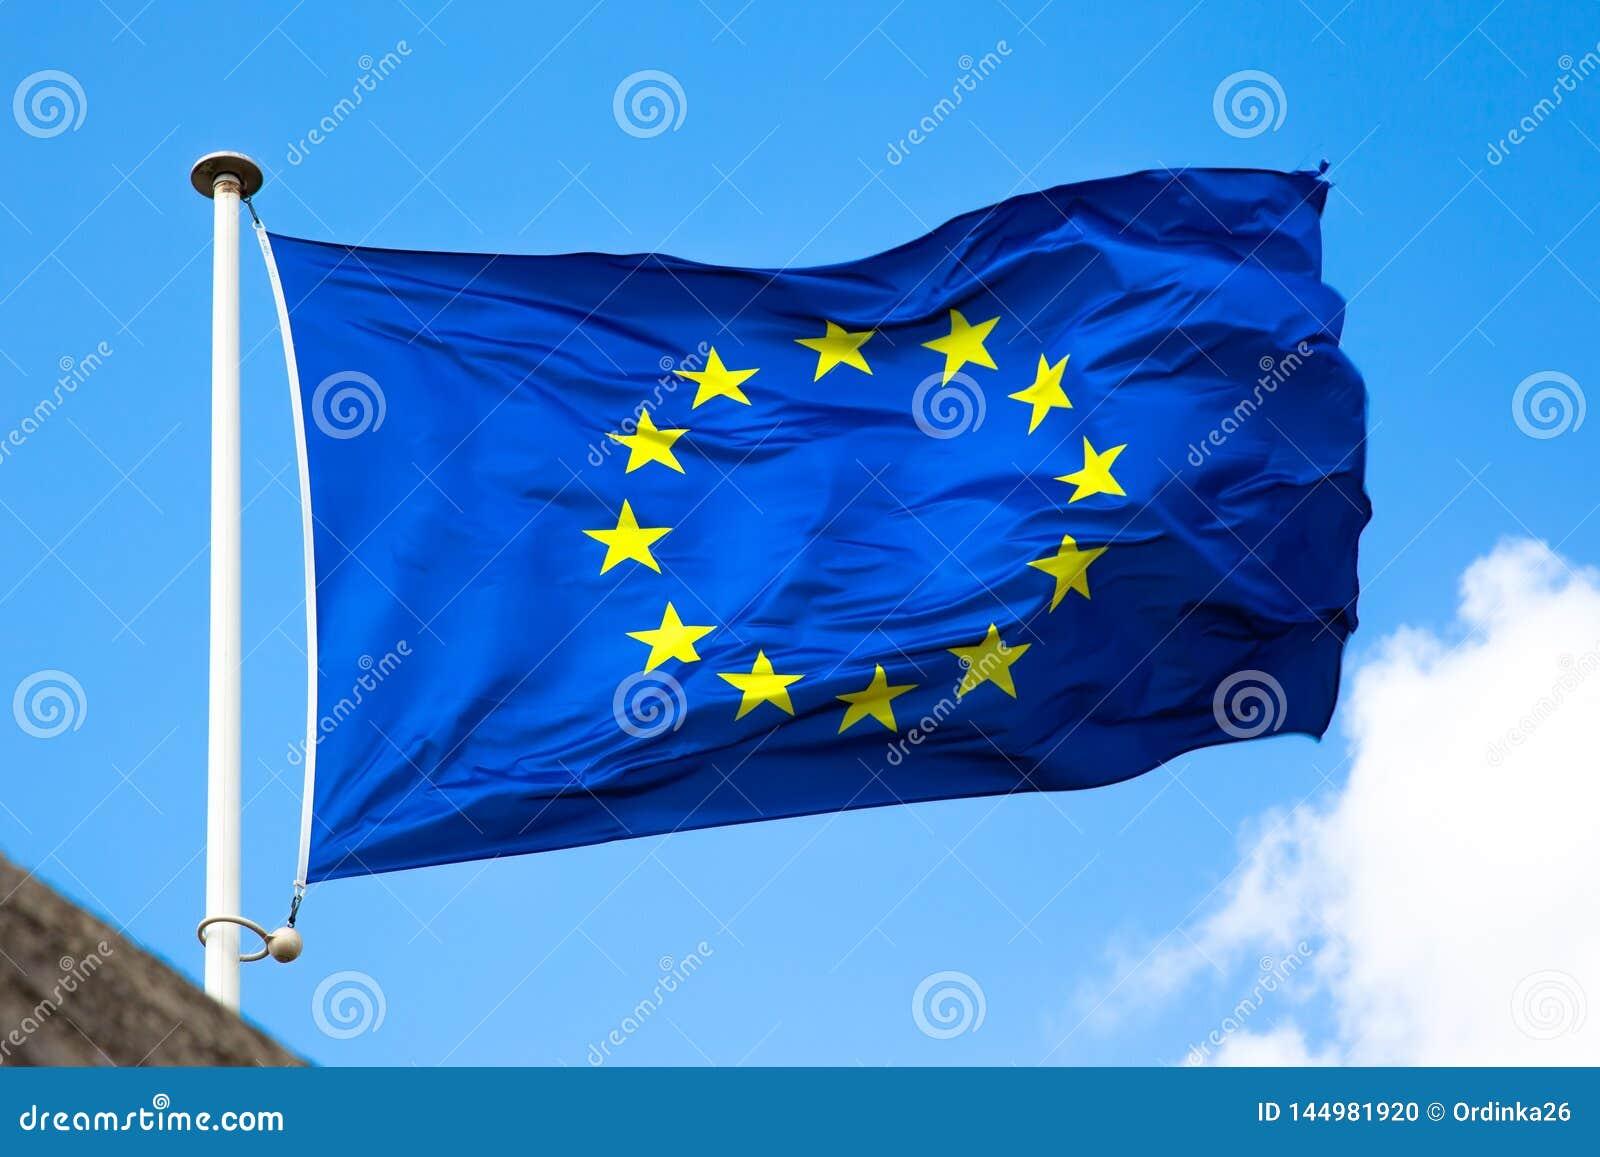 EU flag close-up on background blue sky